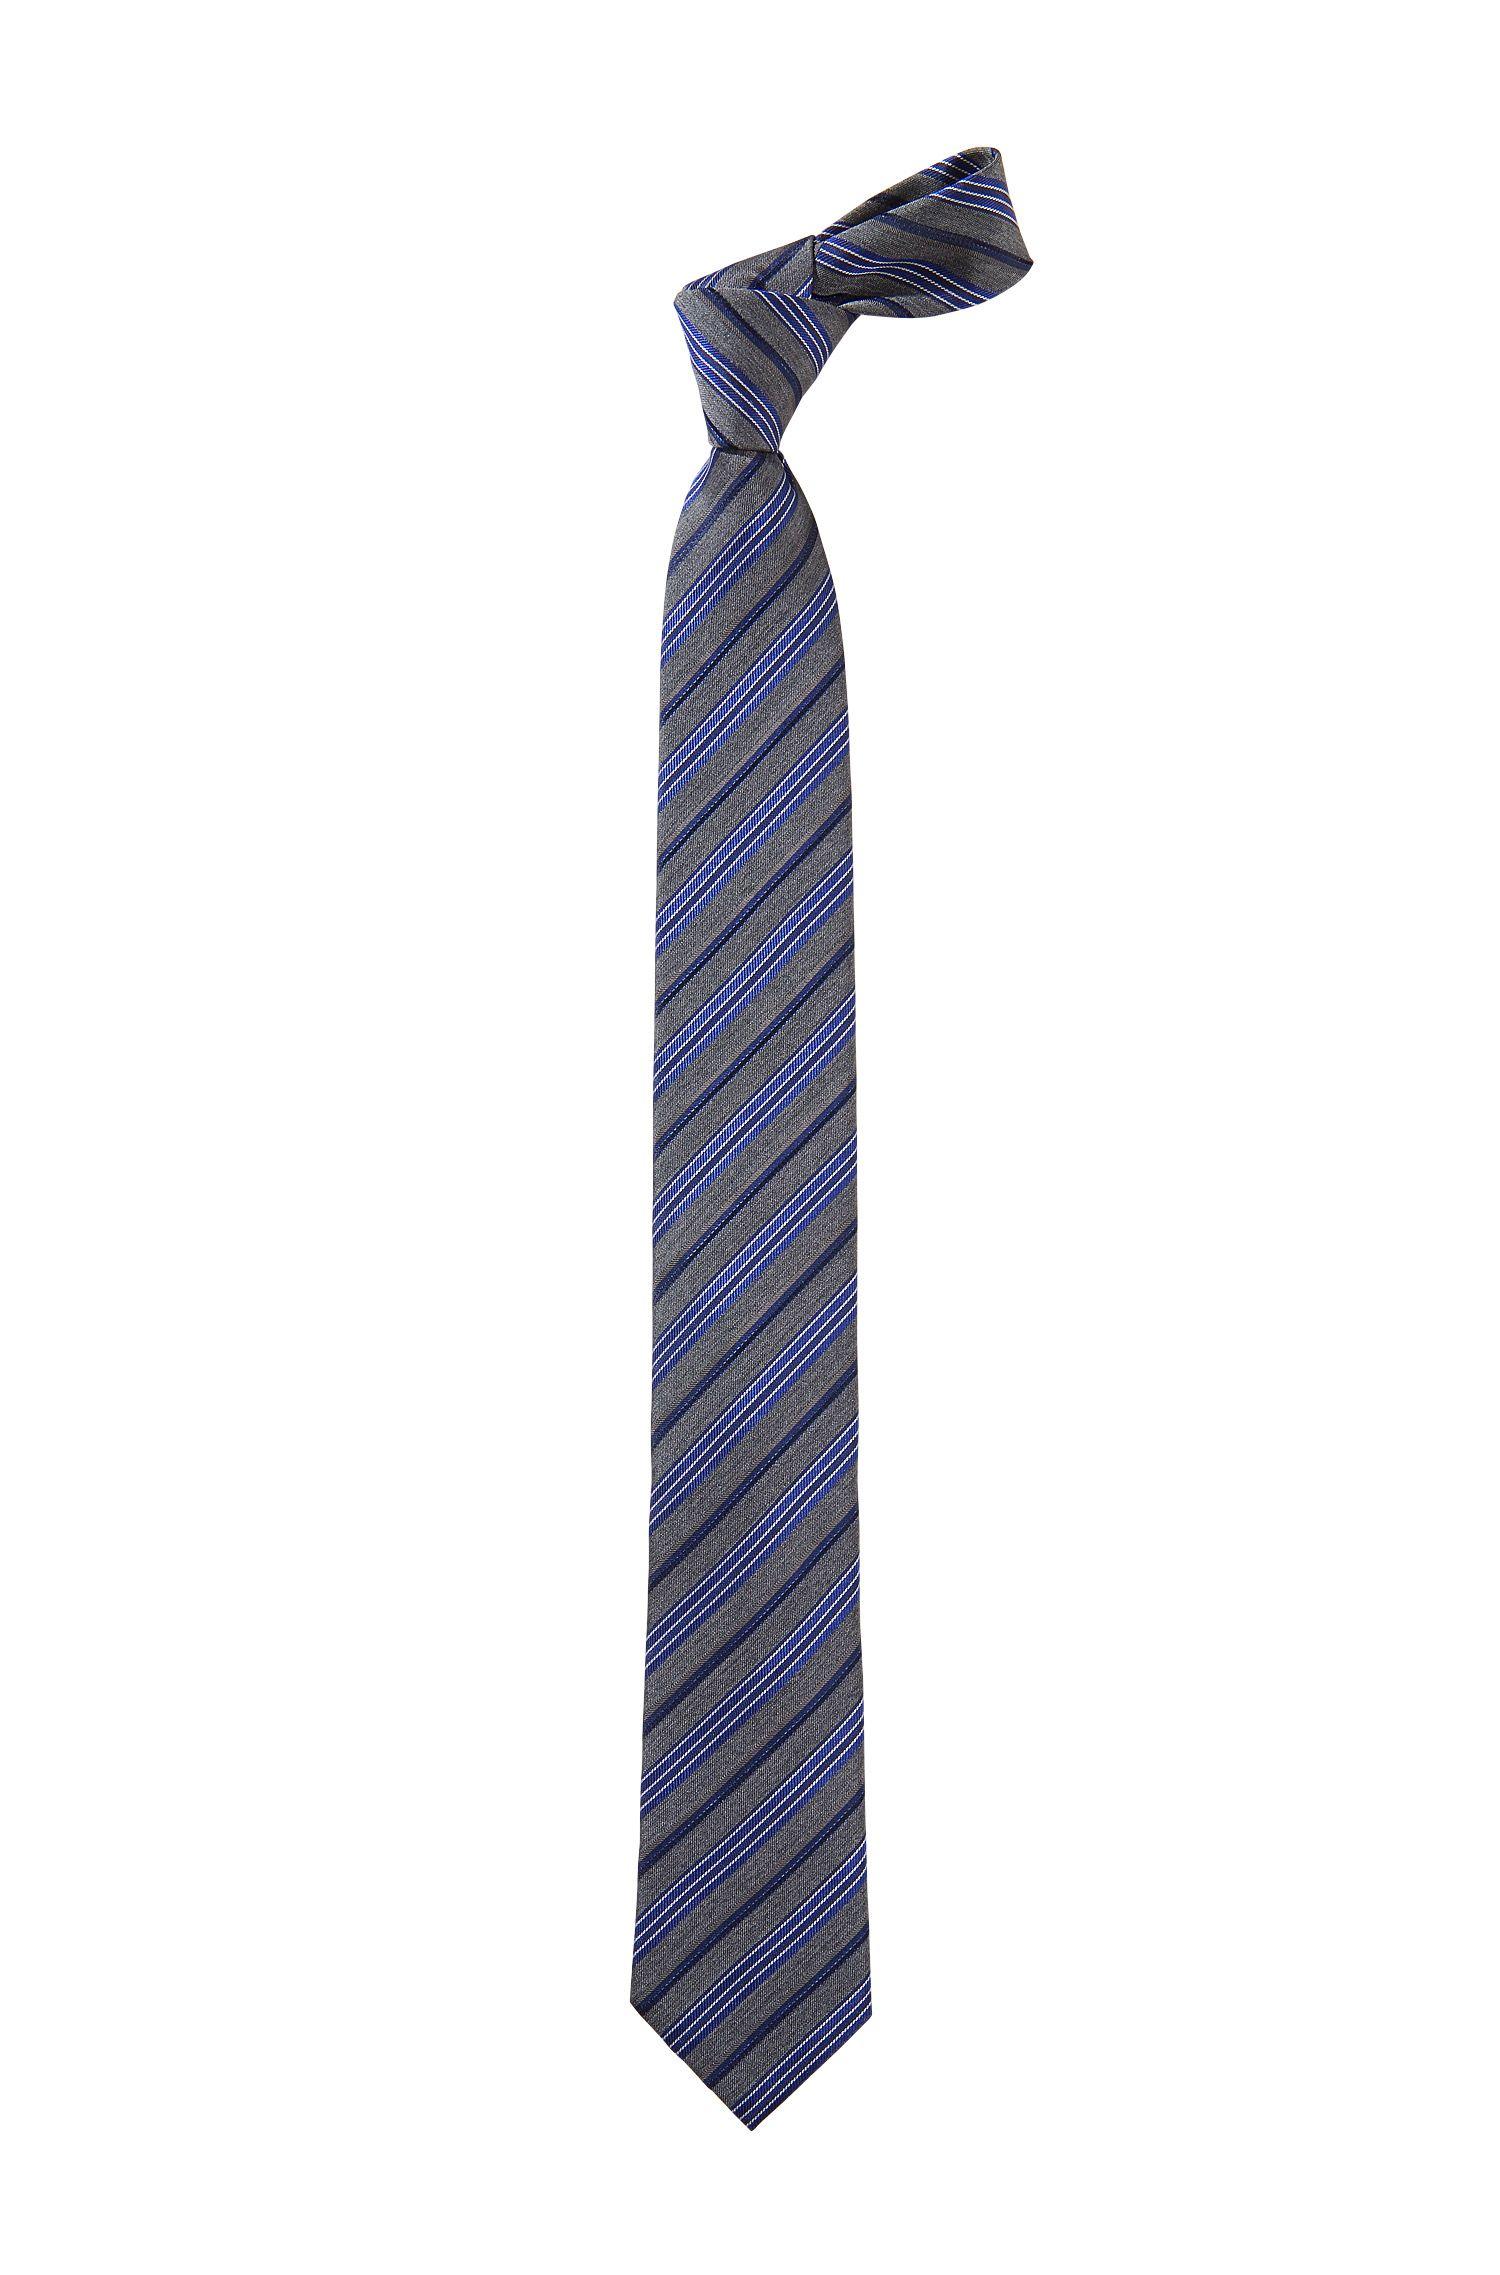 Krawatte ´Tie 6 cm` mit Streifen-Muster